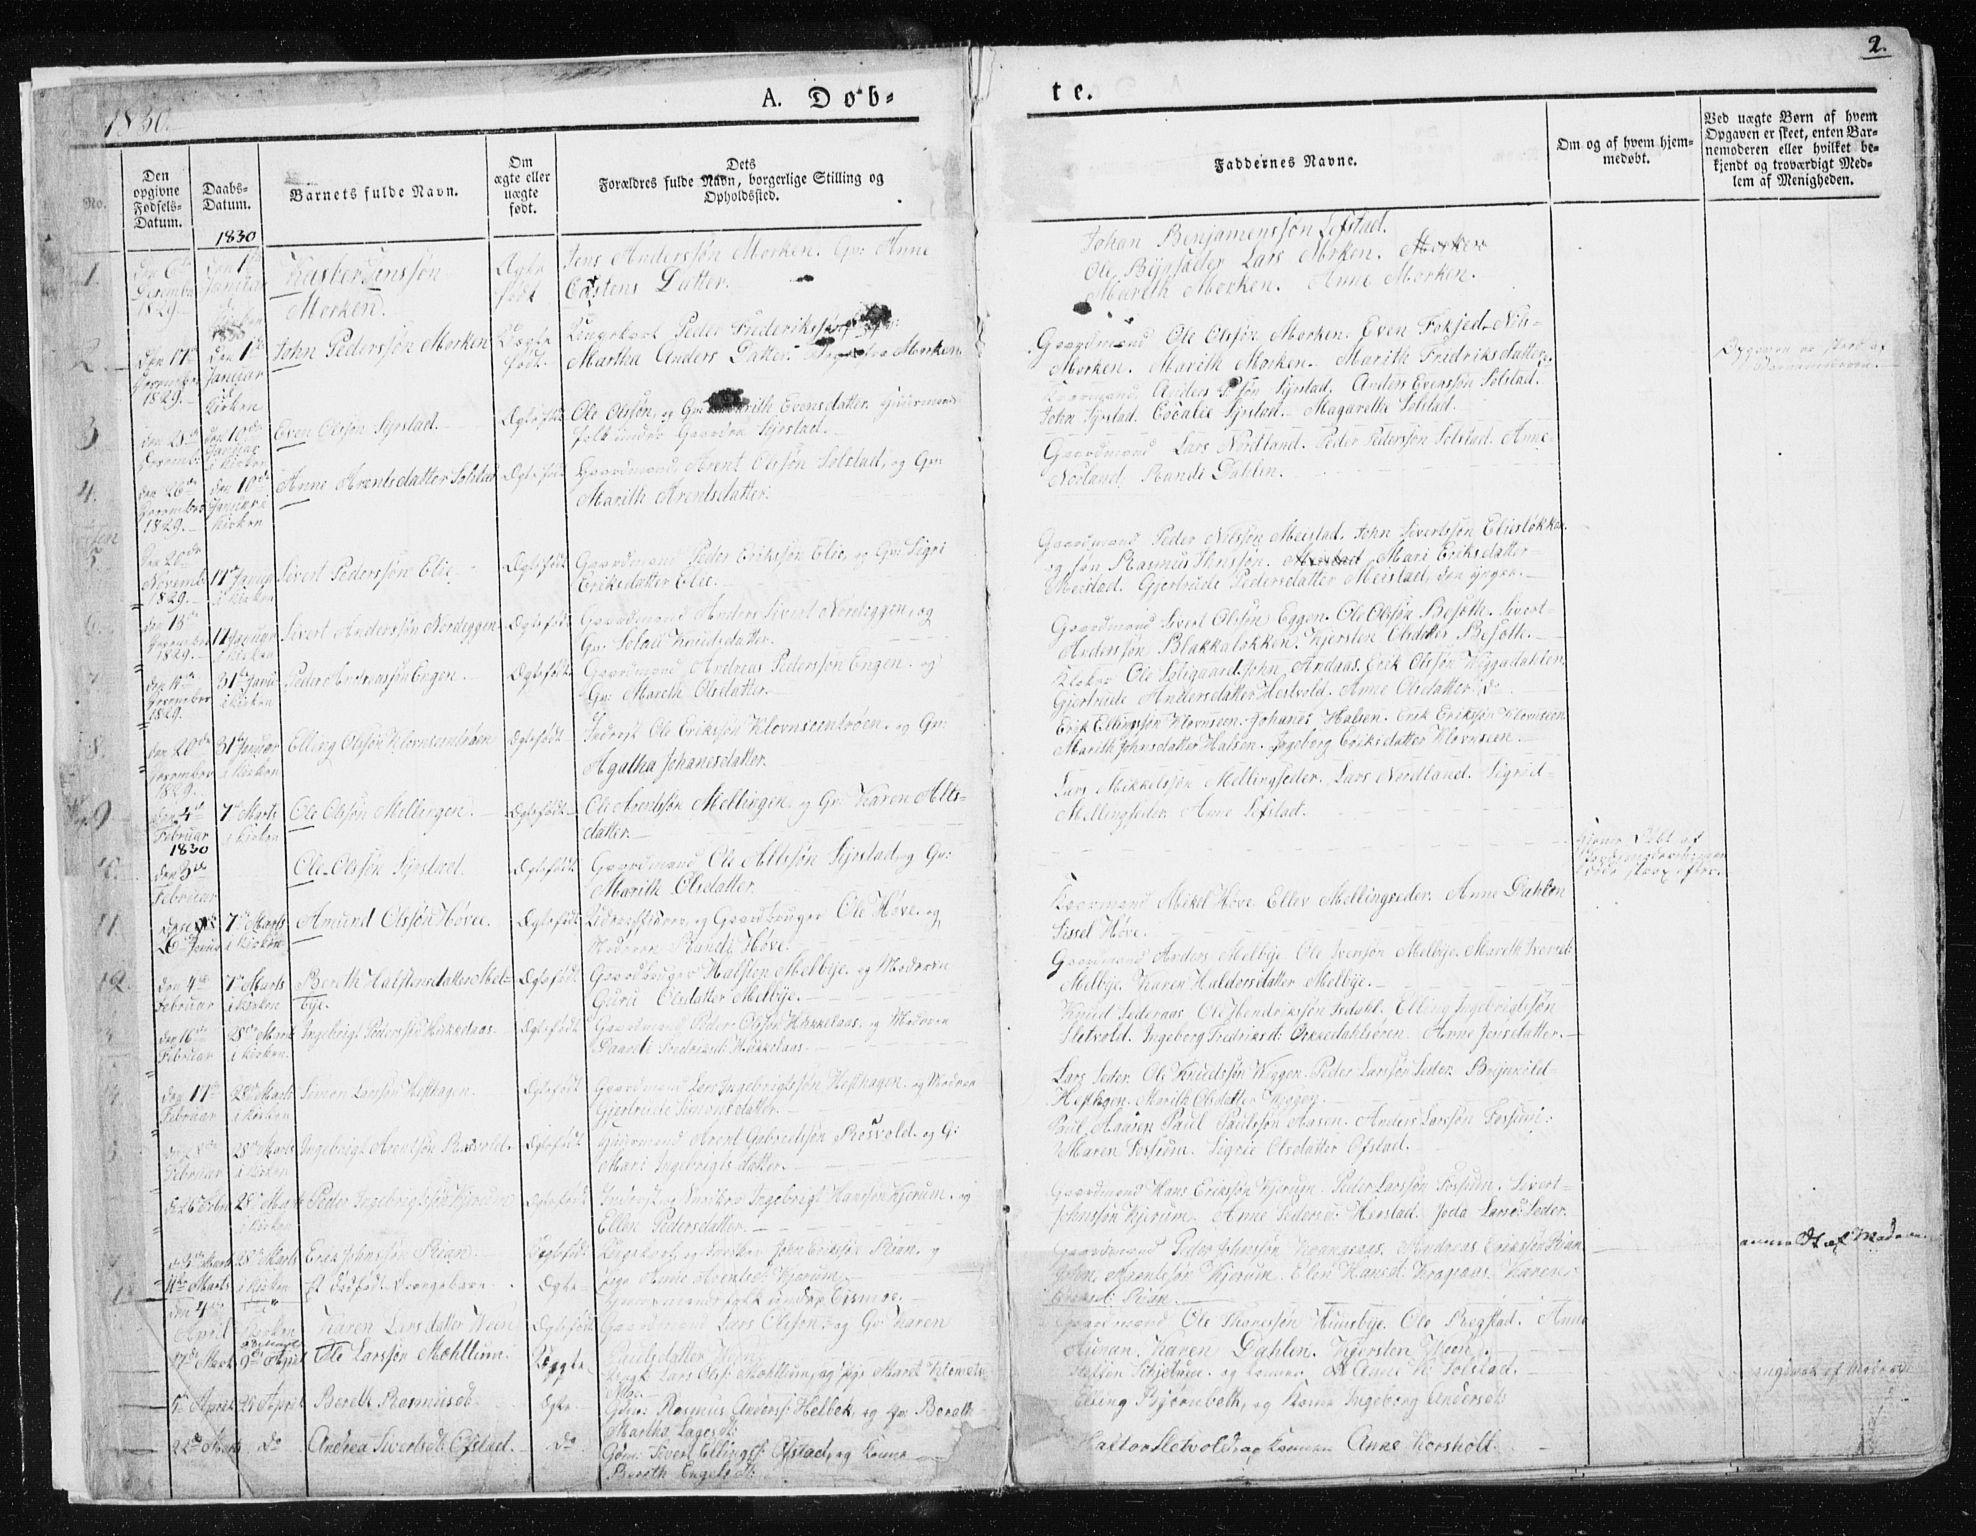 SAT, Ministerialprotokoller, klokkerbøker og fødselsregistre - Sør-Trøndelag, 665/L0771: Ministerialbok nr. 665A06, 1830-1856, s. 2